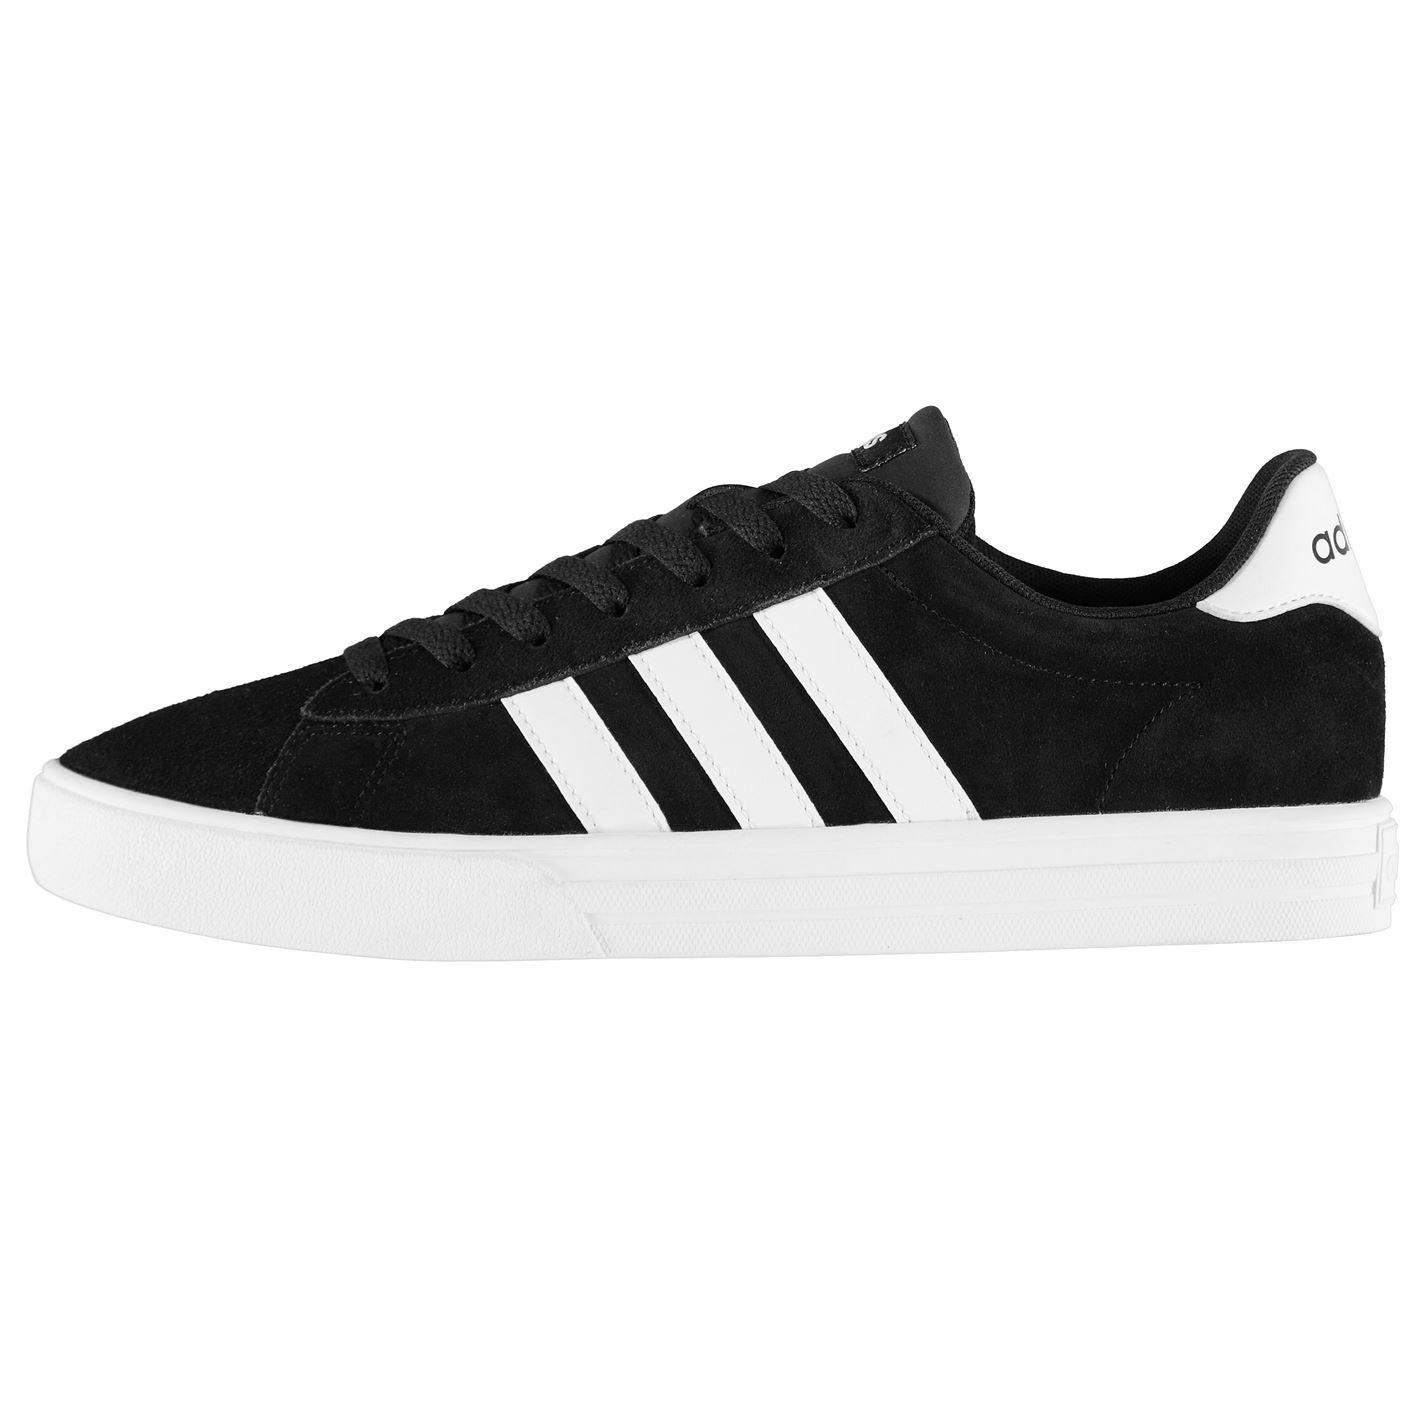 brand new 365ca 31e17 ... where to buy adidas scarpe da ginnastica da uomo in imbottito pelle  scamosciata giornaliere stringati collare